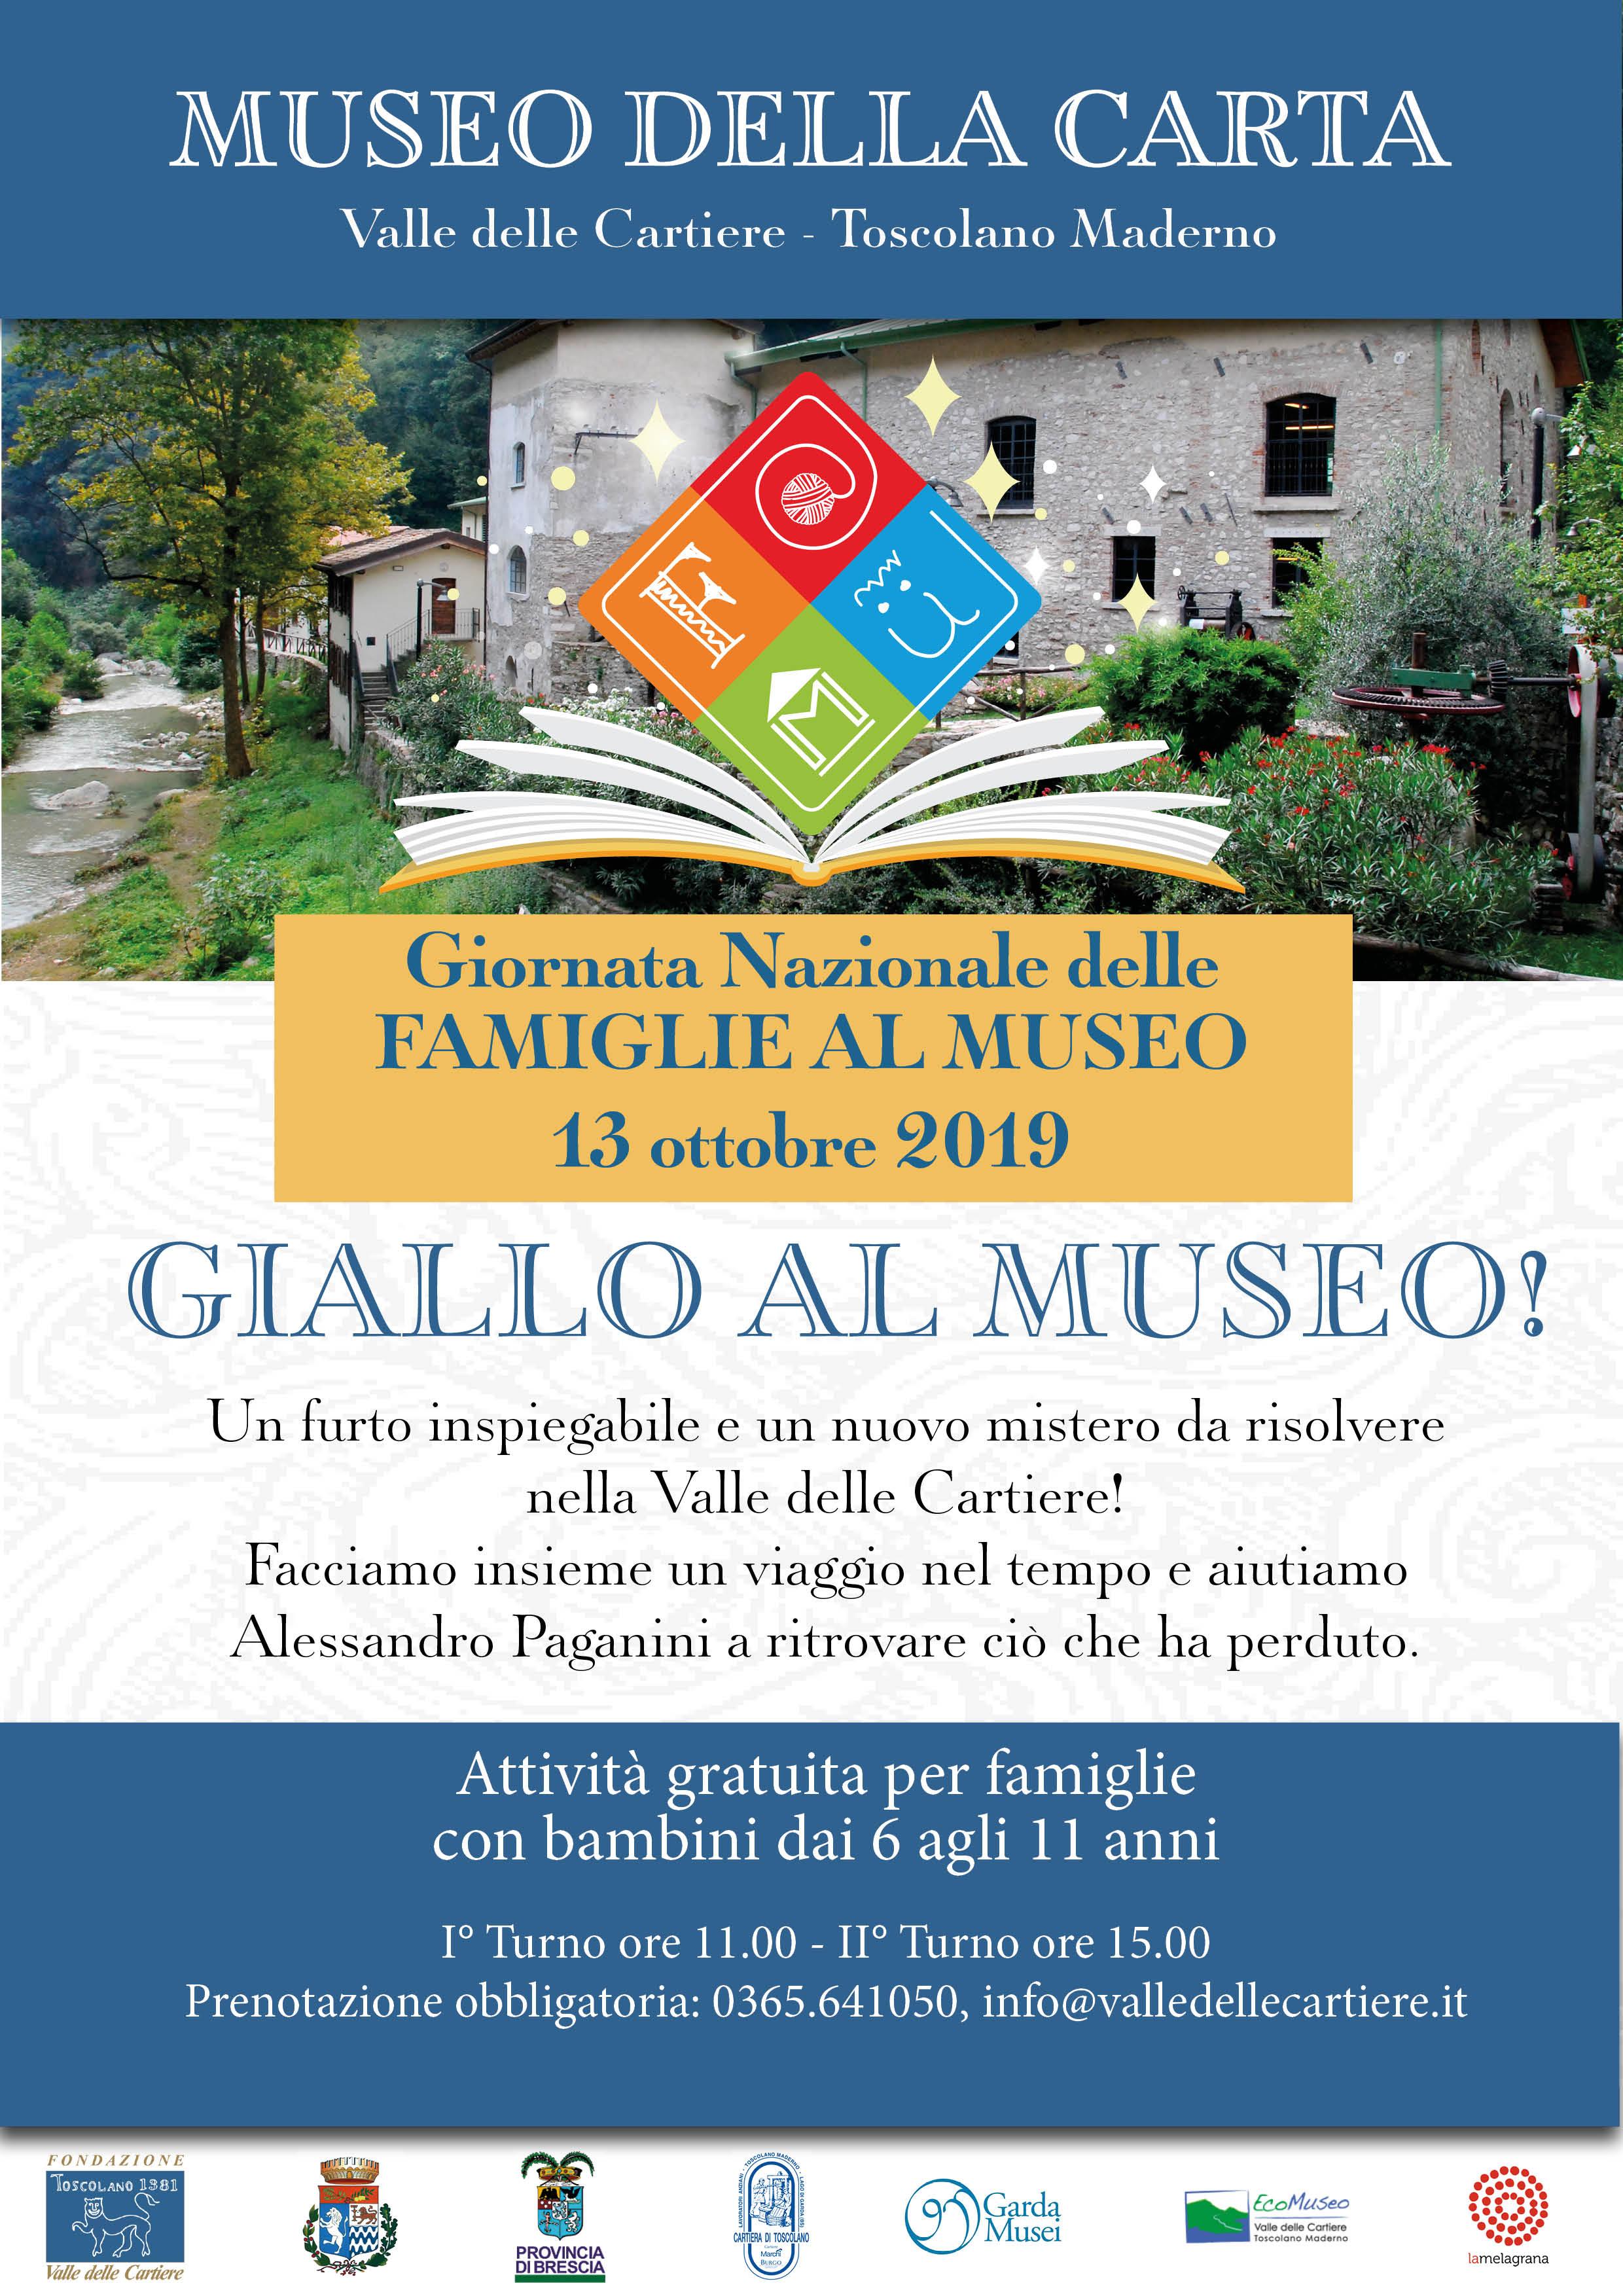 FAMU 2019 | Giallo al Museo!